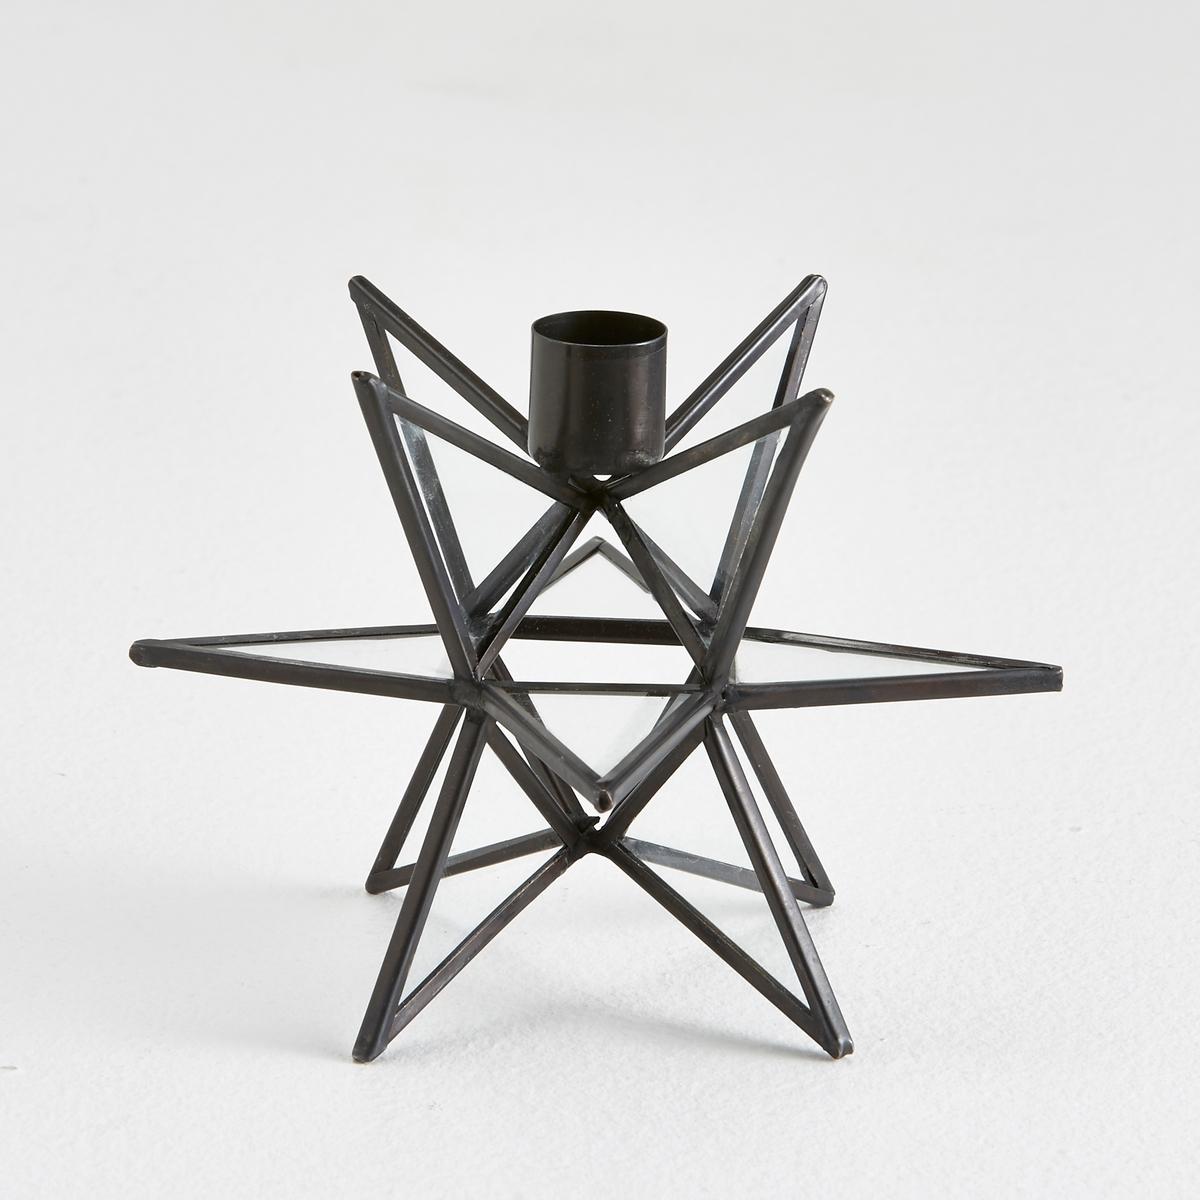 Подсвечник из стекла и металла, EstelloПодсвечник, Estello: этот подсвечник может стать красивым элементом Вашего интерьера... создать дух праздника и поднять настроение.Из металла и стекла.Подставка для свечи, диаметр. 2 см (свеча не прилагается).Размеры: 15,5 x 15,5 x 11,5 см.<br><br>Цвет: черный<br>Размер: единый размер